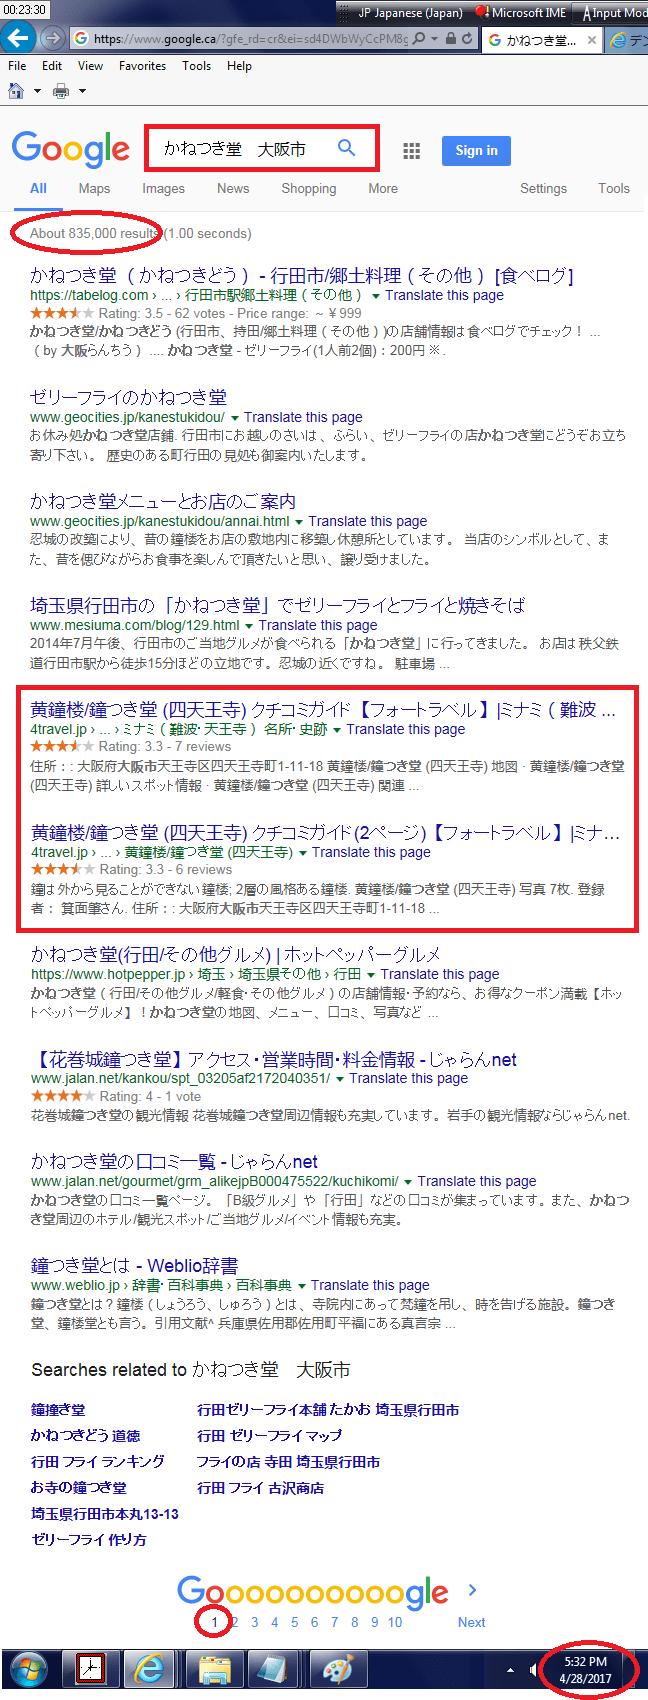 日本のGOOGLEで「かねつき堂 大阪市」と入れて検索した結果